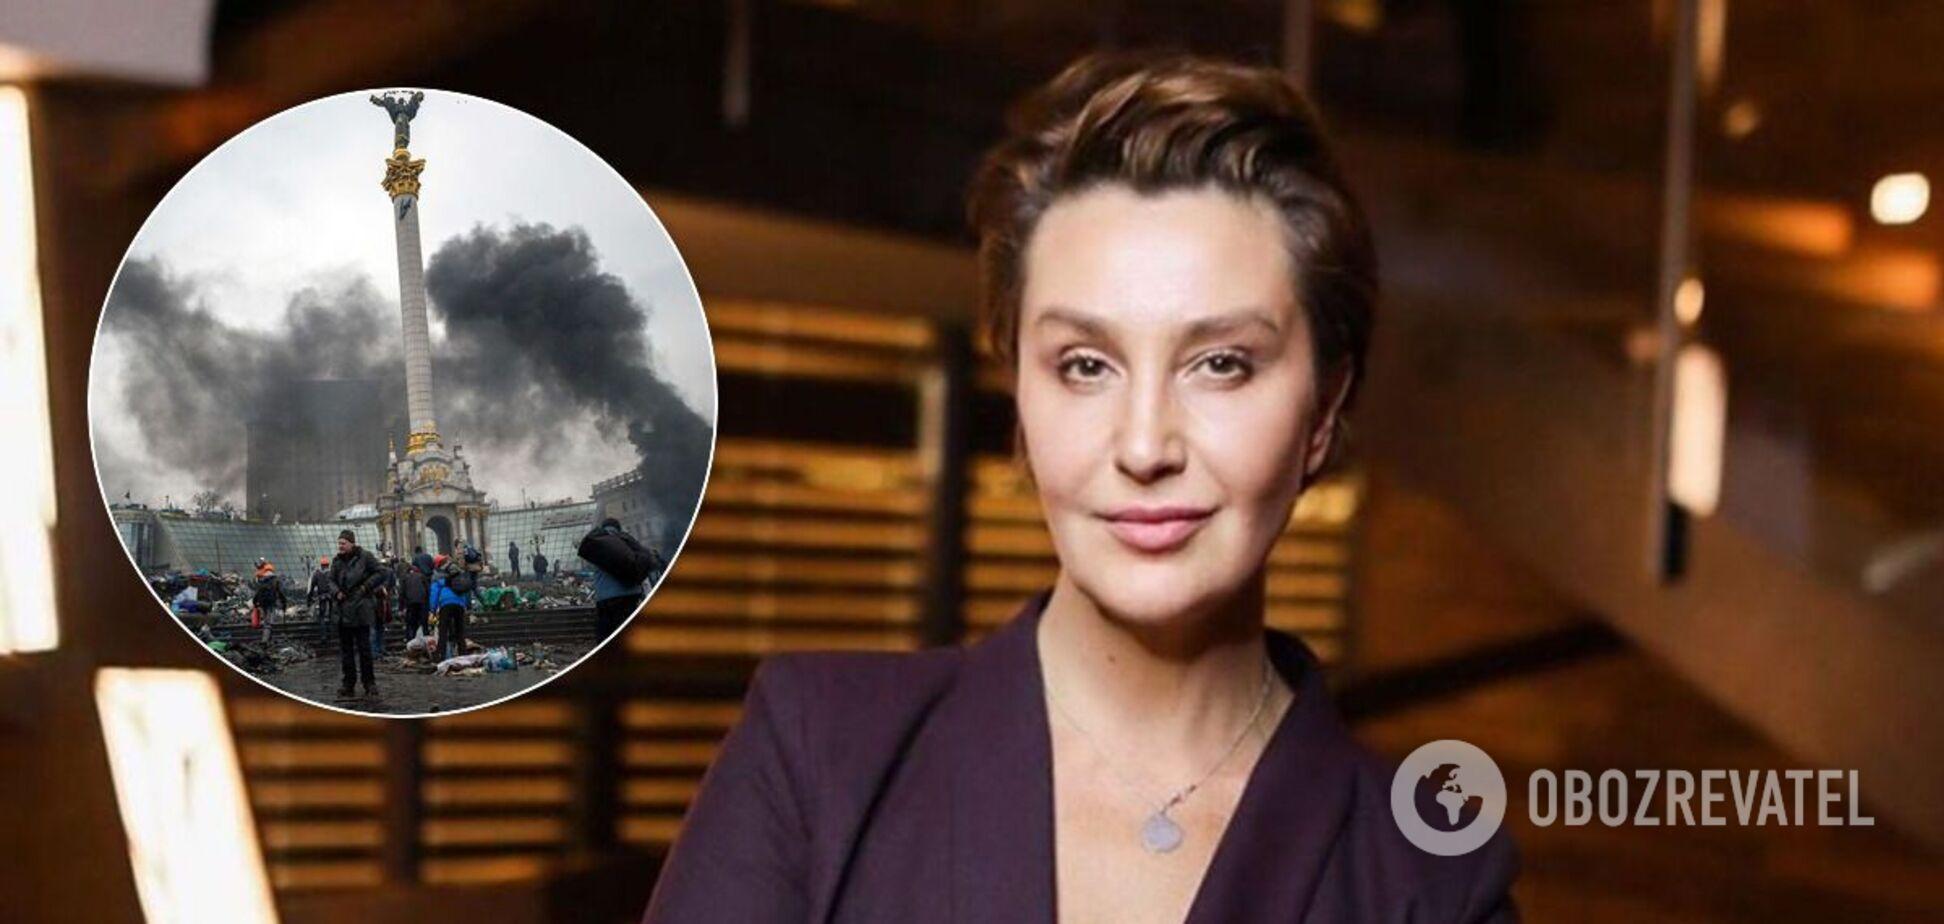 Сніжана Єгорова відзначилася заявою про Майдан